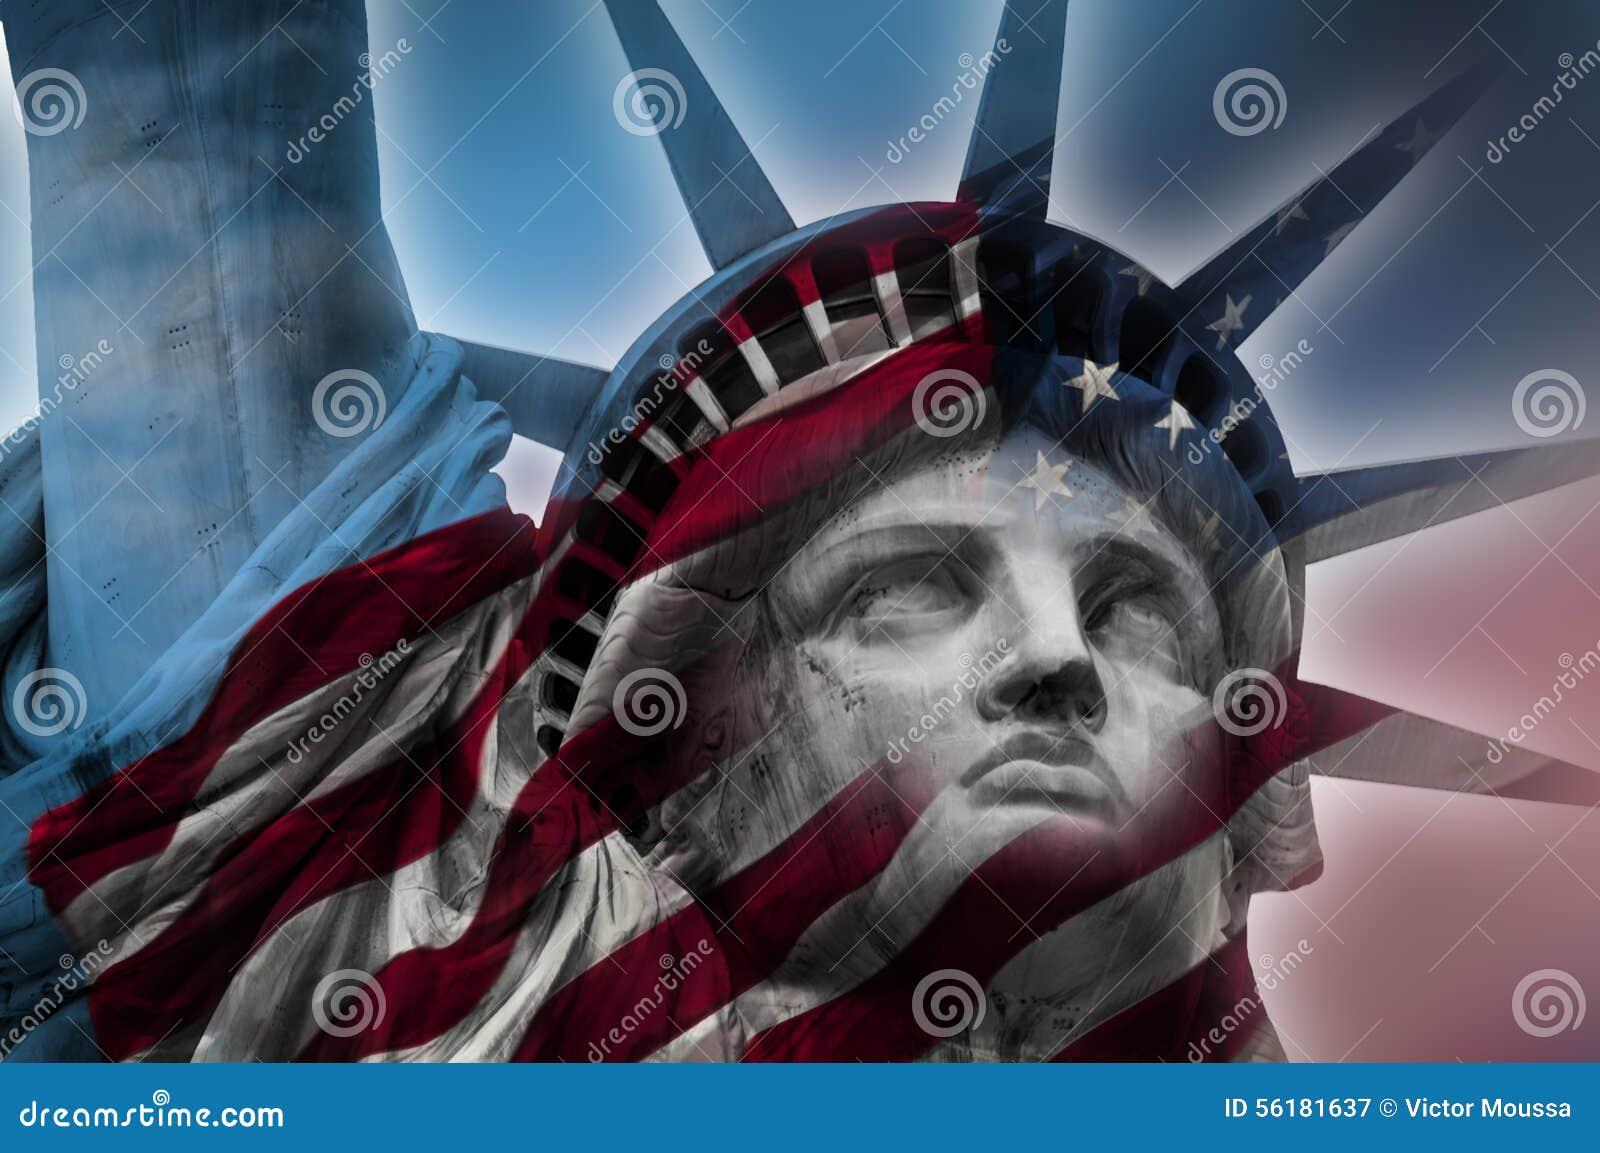 自由女神像和美国国旗